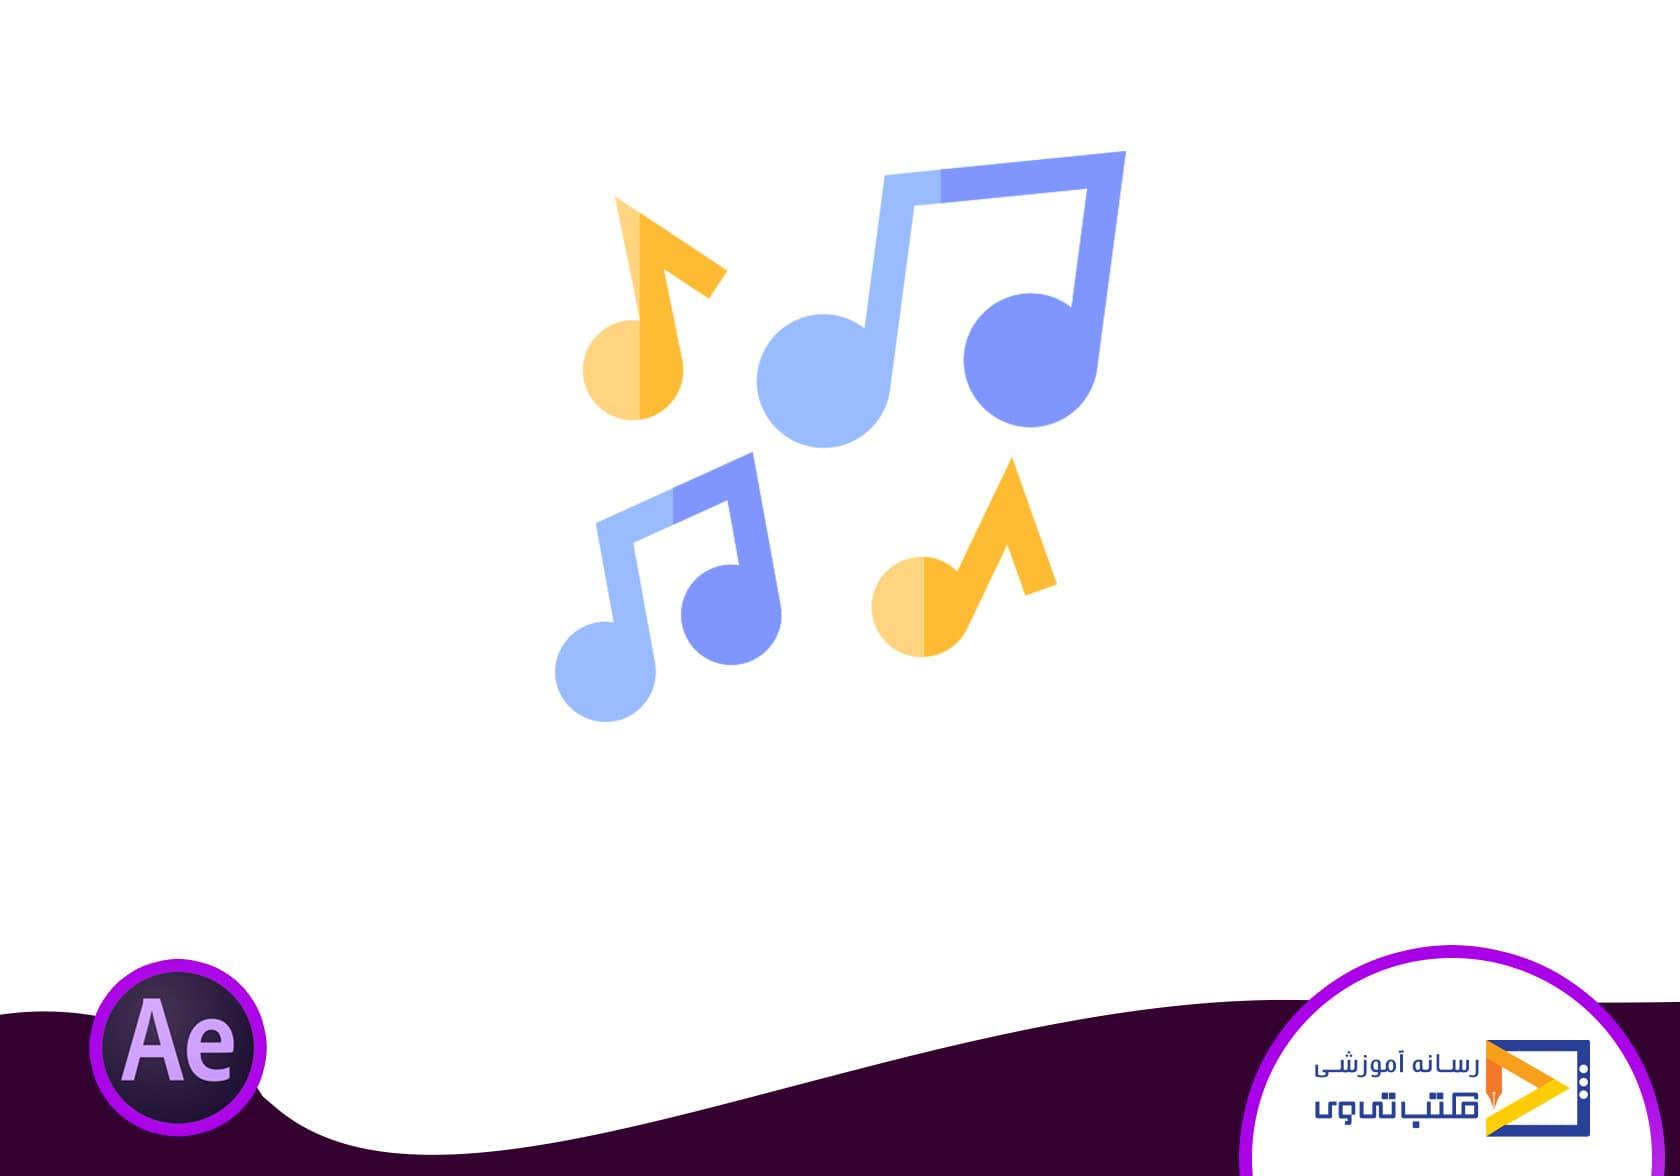 مقاله دانلود موزیک برای موشن گرافیک